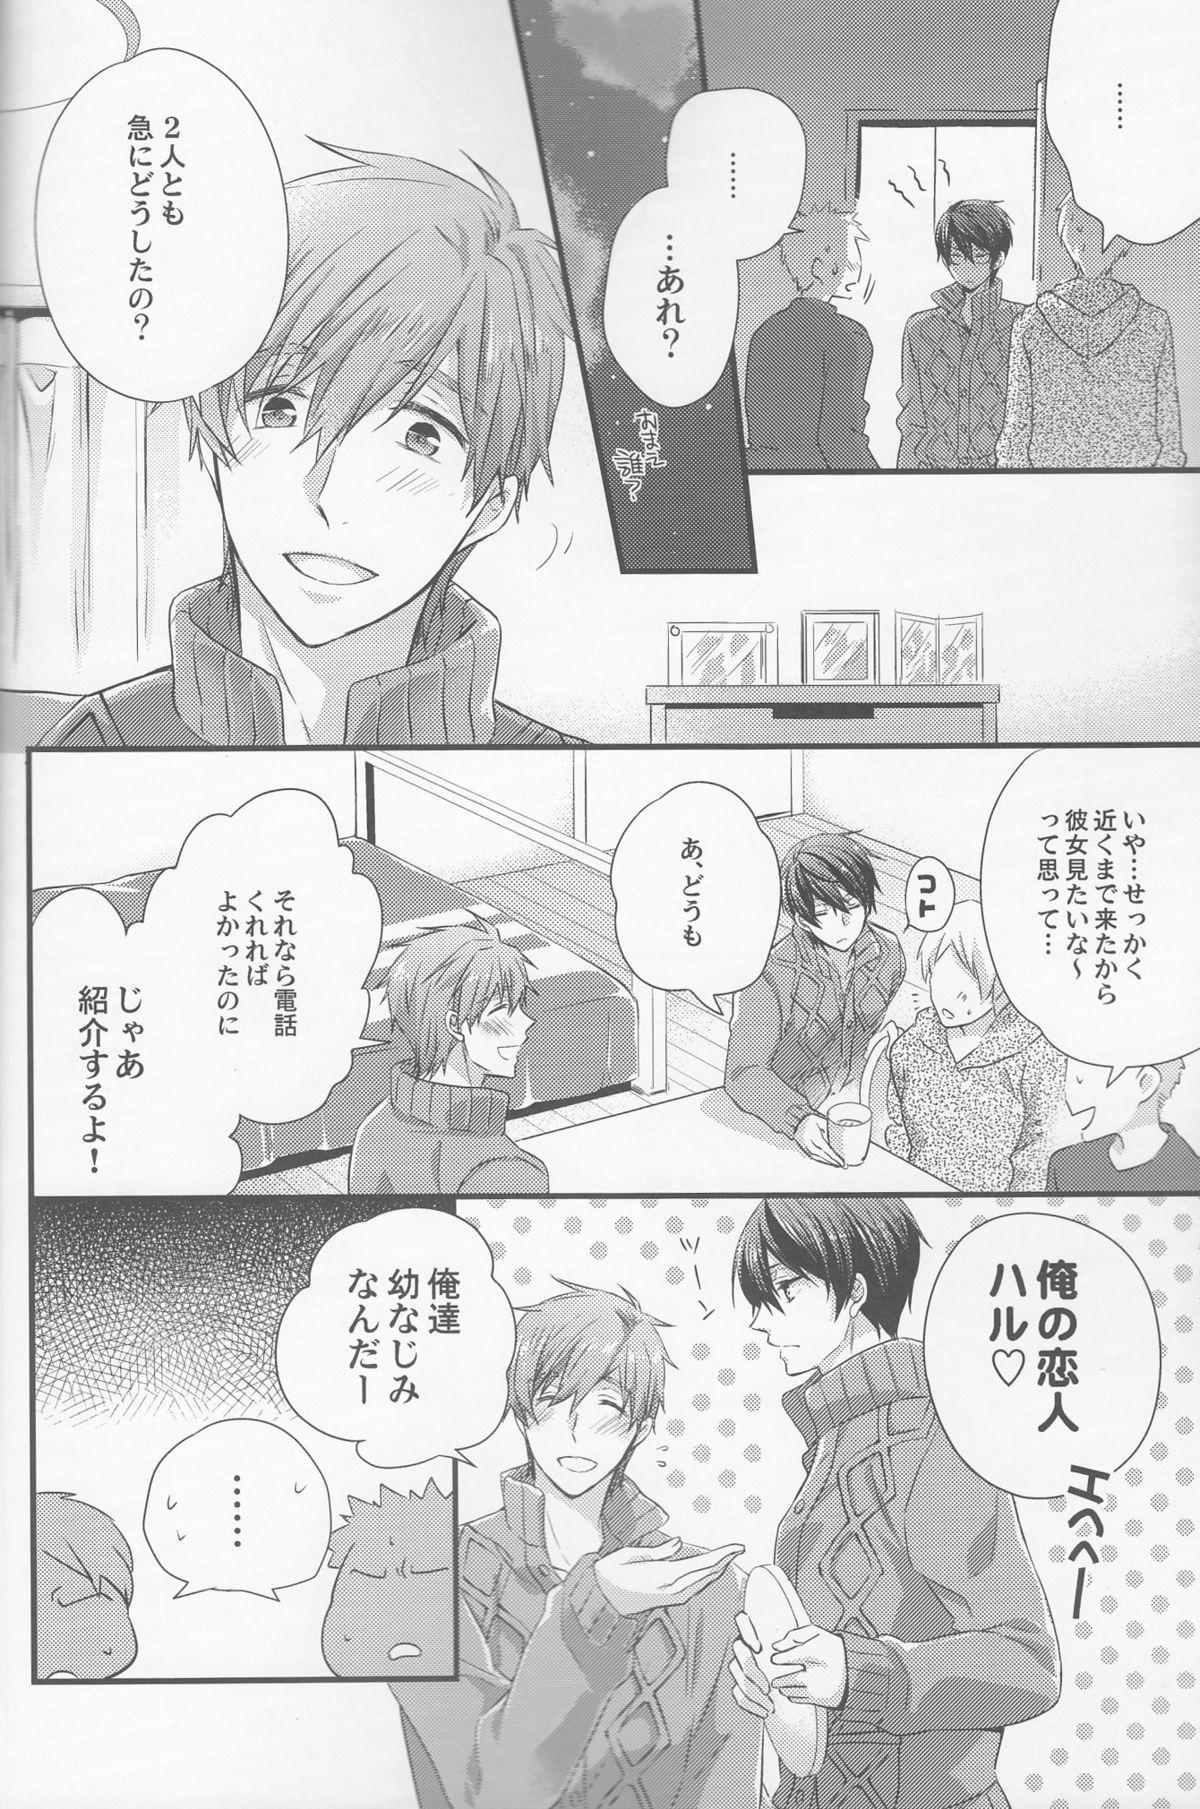 Hajimemashite Yome desu. 5